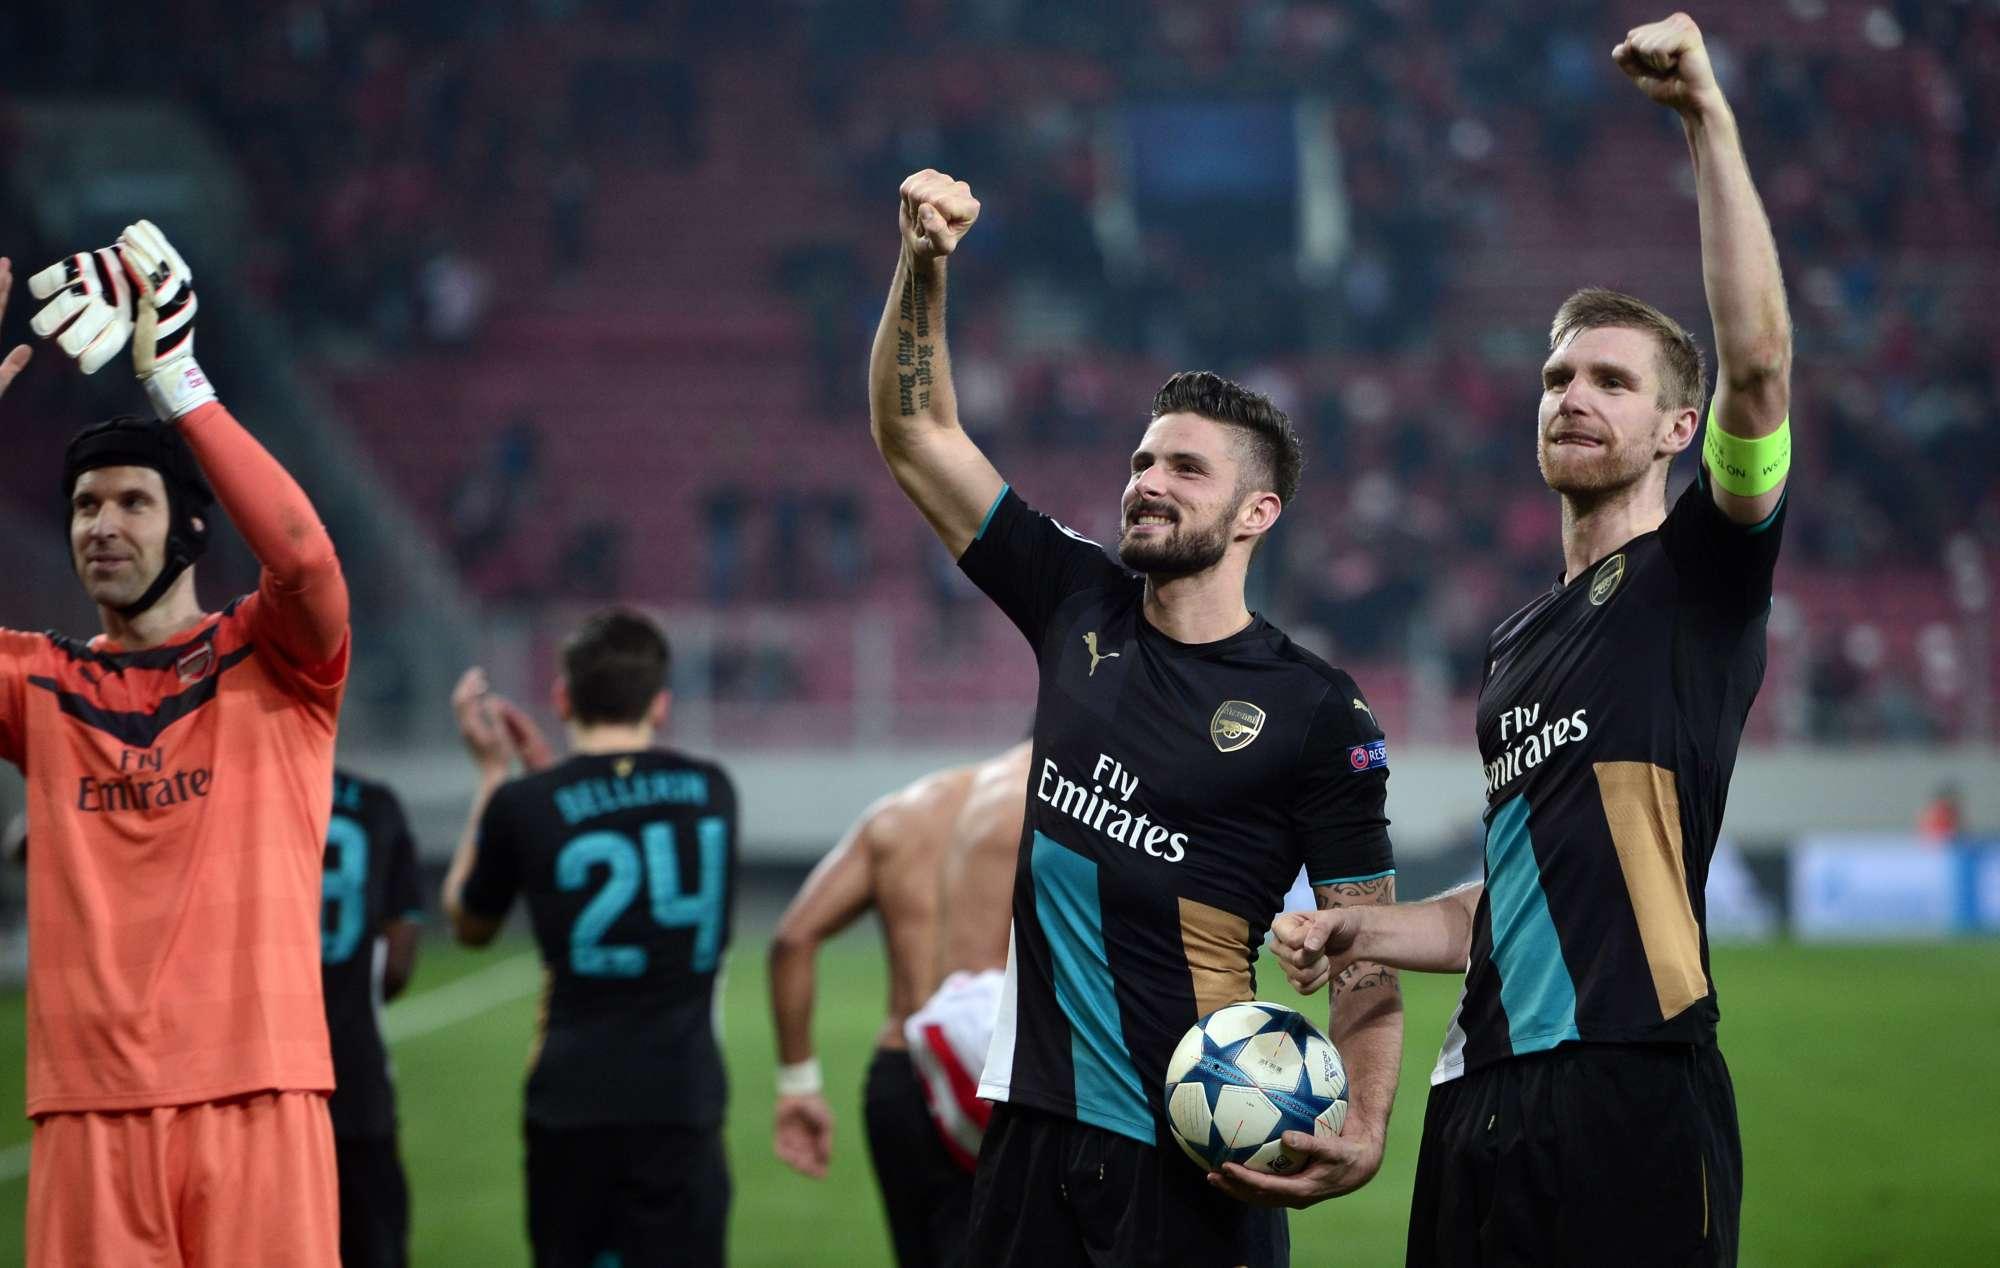 L'esultanza di Giroud, capocannoniere dell'Arsenal con 10 gol